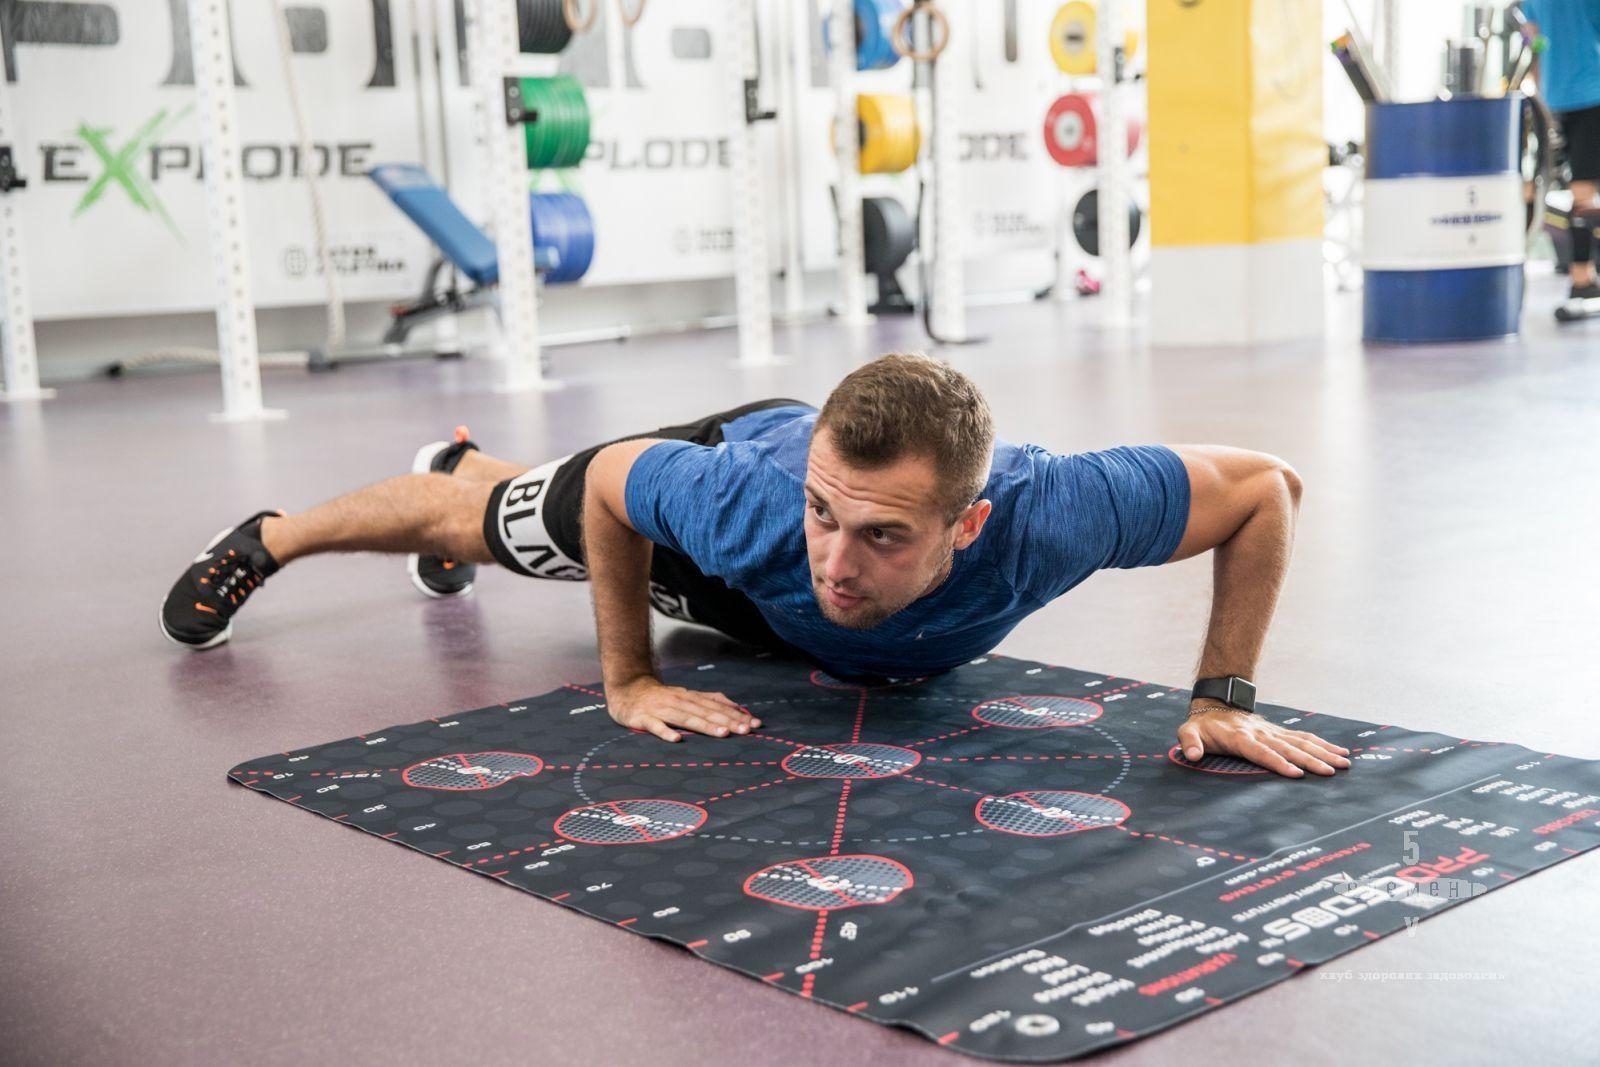 Види фітнесу для схуднення: який напрям фітнесу краще для боротьби із зайвою вагою.— фітнес-клуб 5 елемент